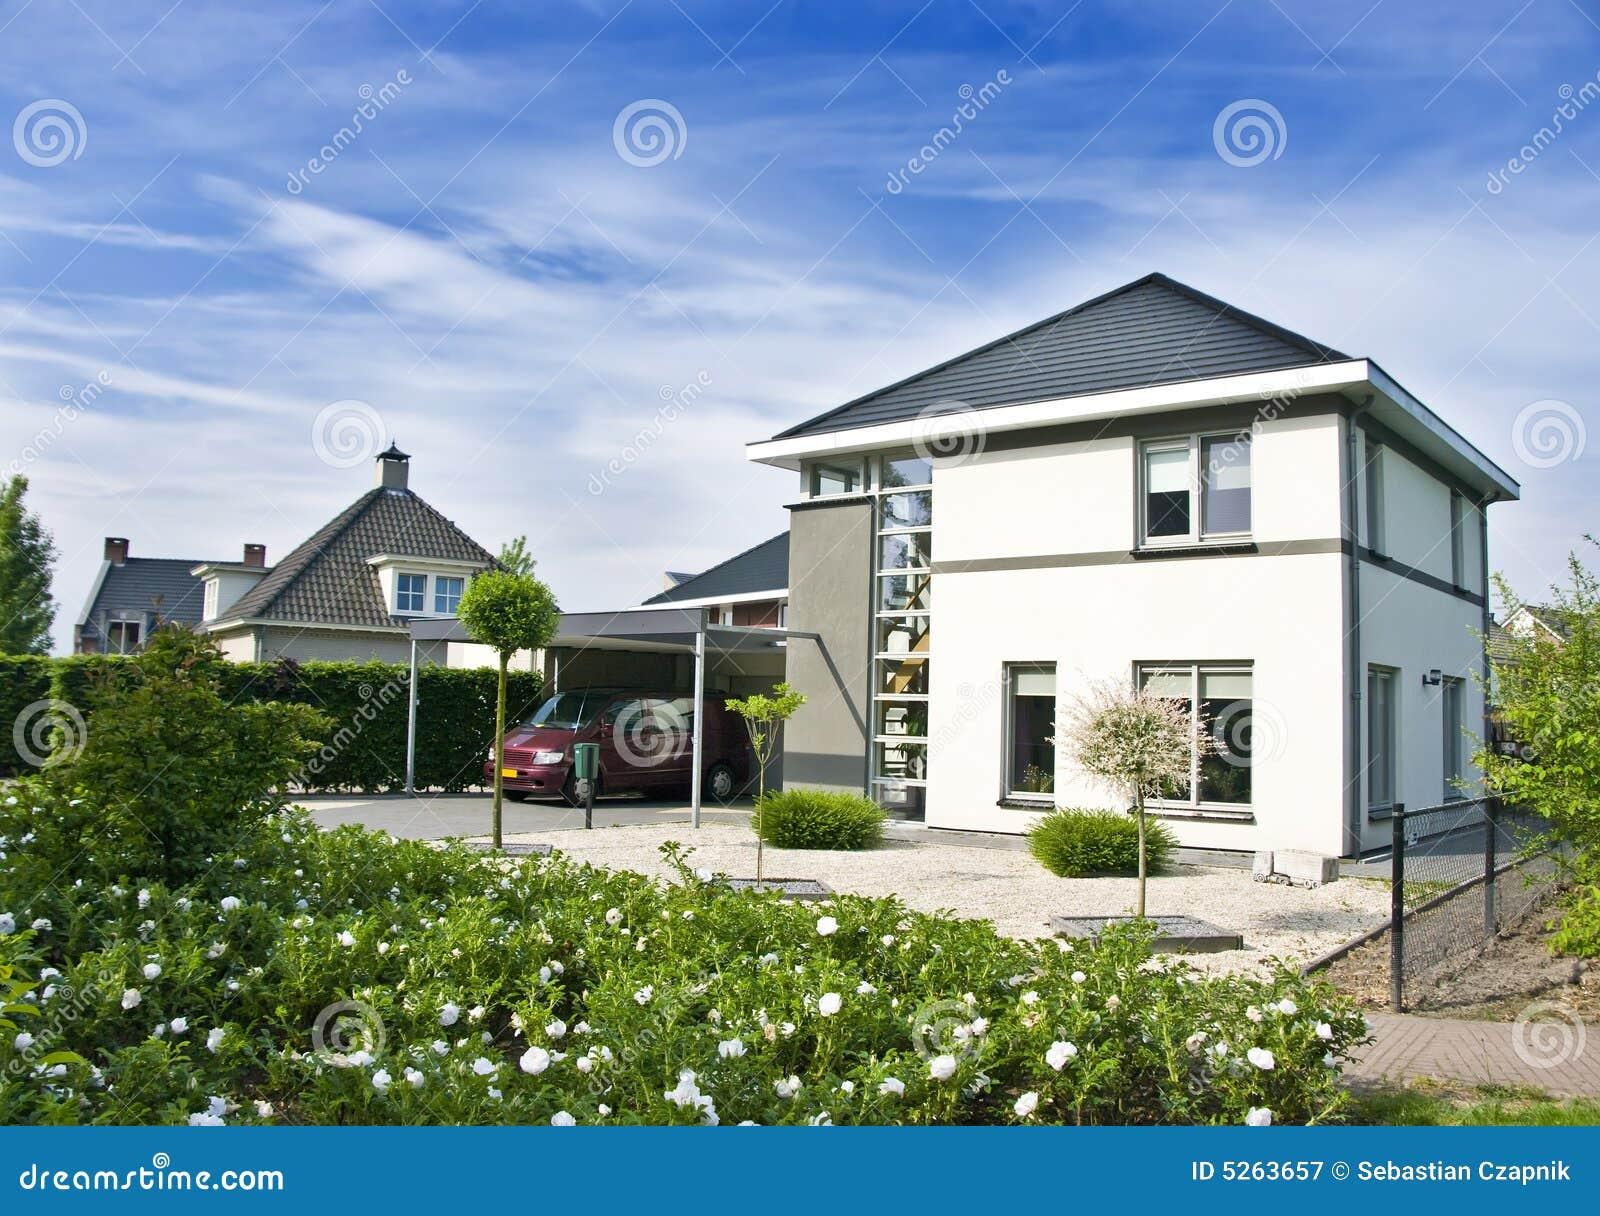 Moderne huis en tuin royalty vrije stock fotografie afbeelding 5263657 for Afbeelding van moderne huizen